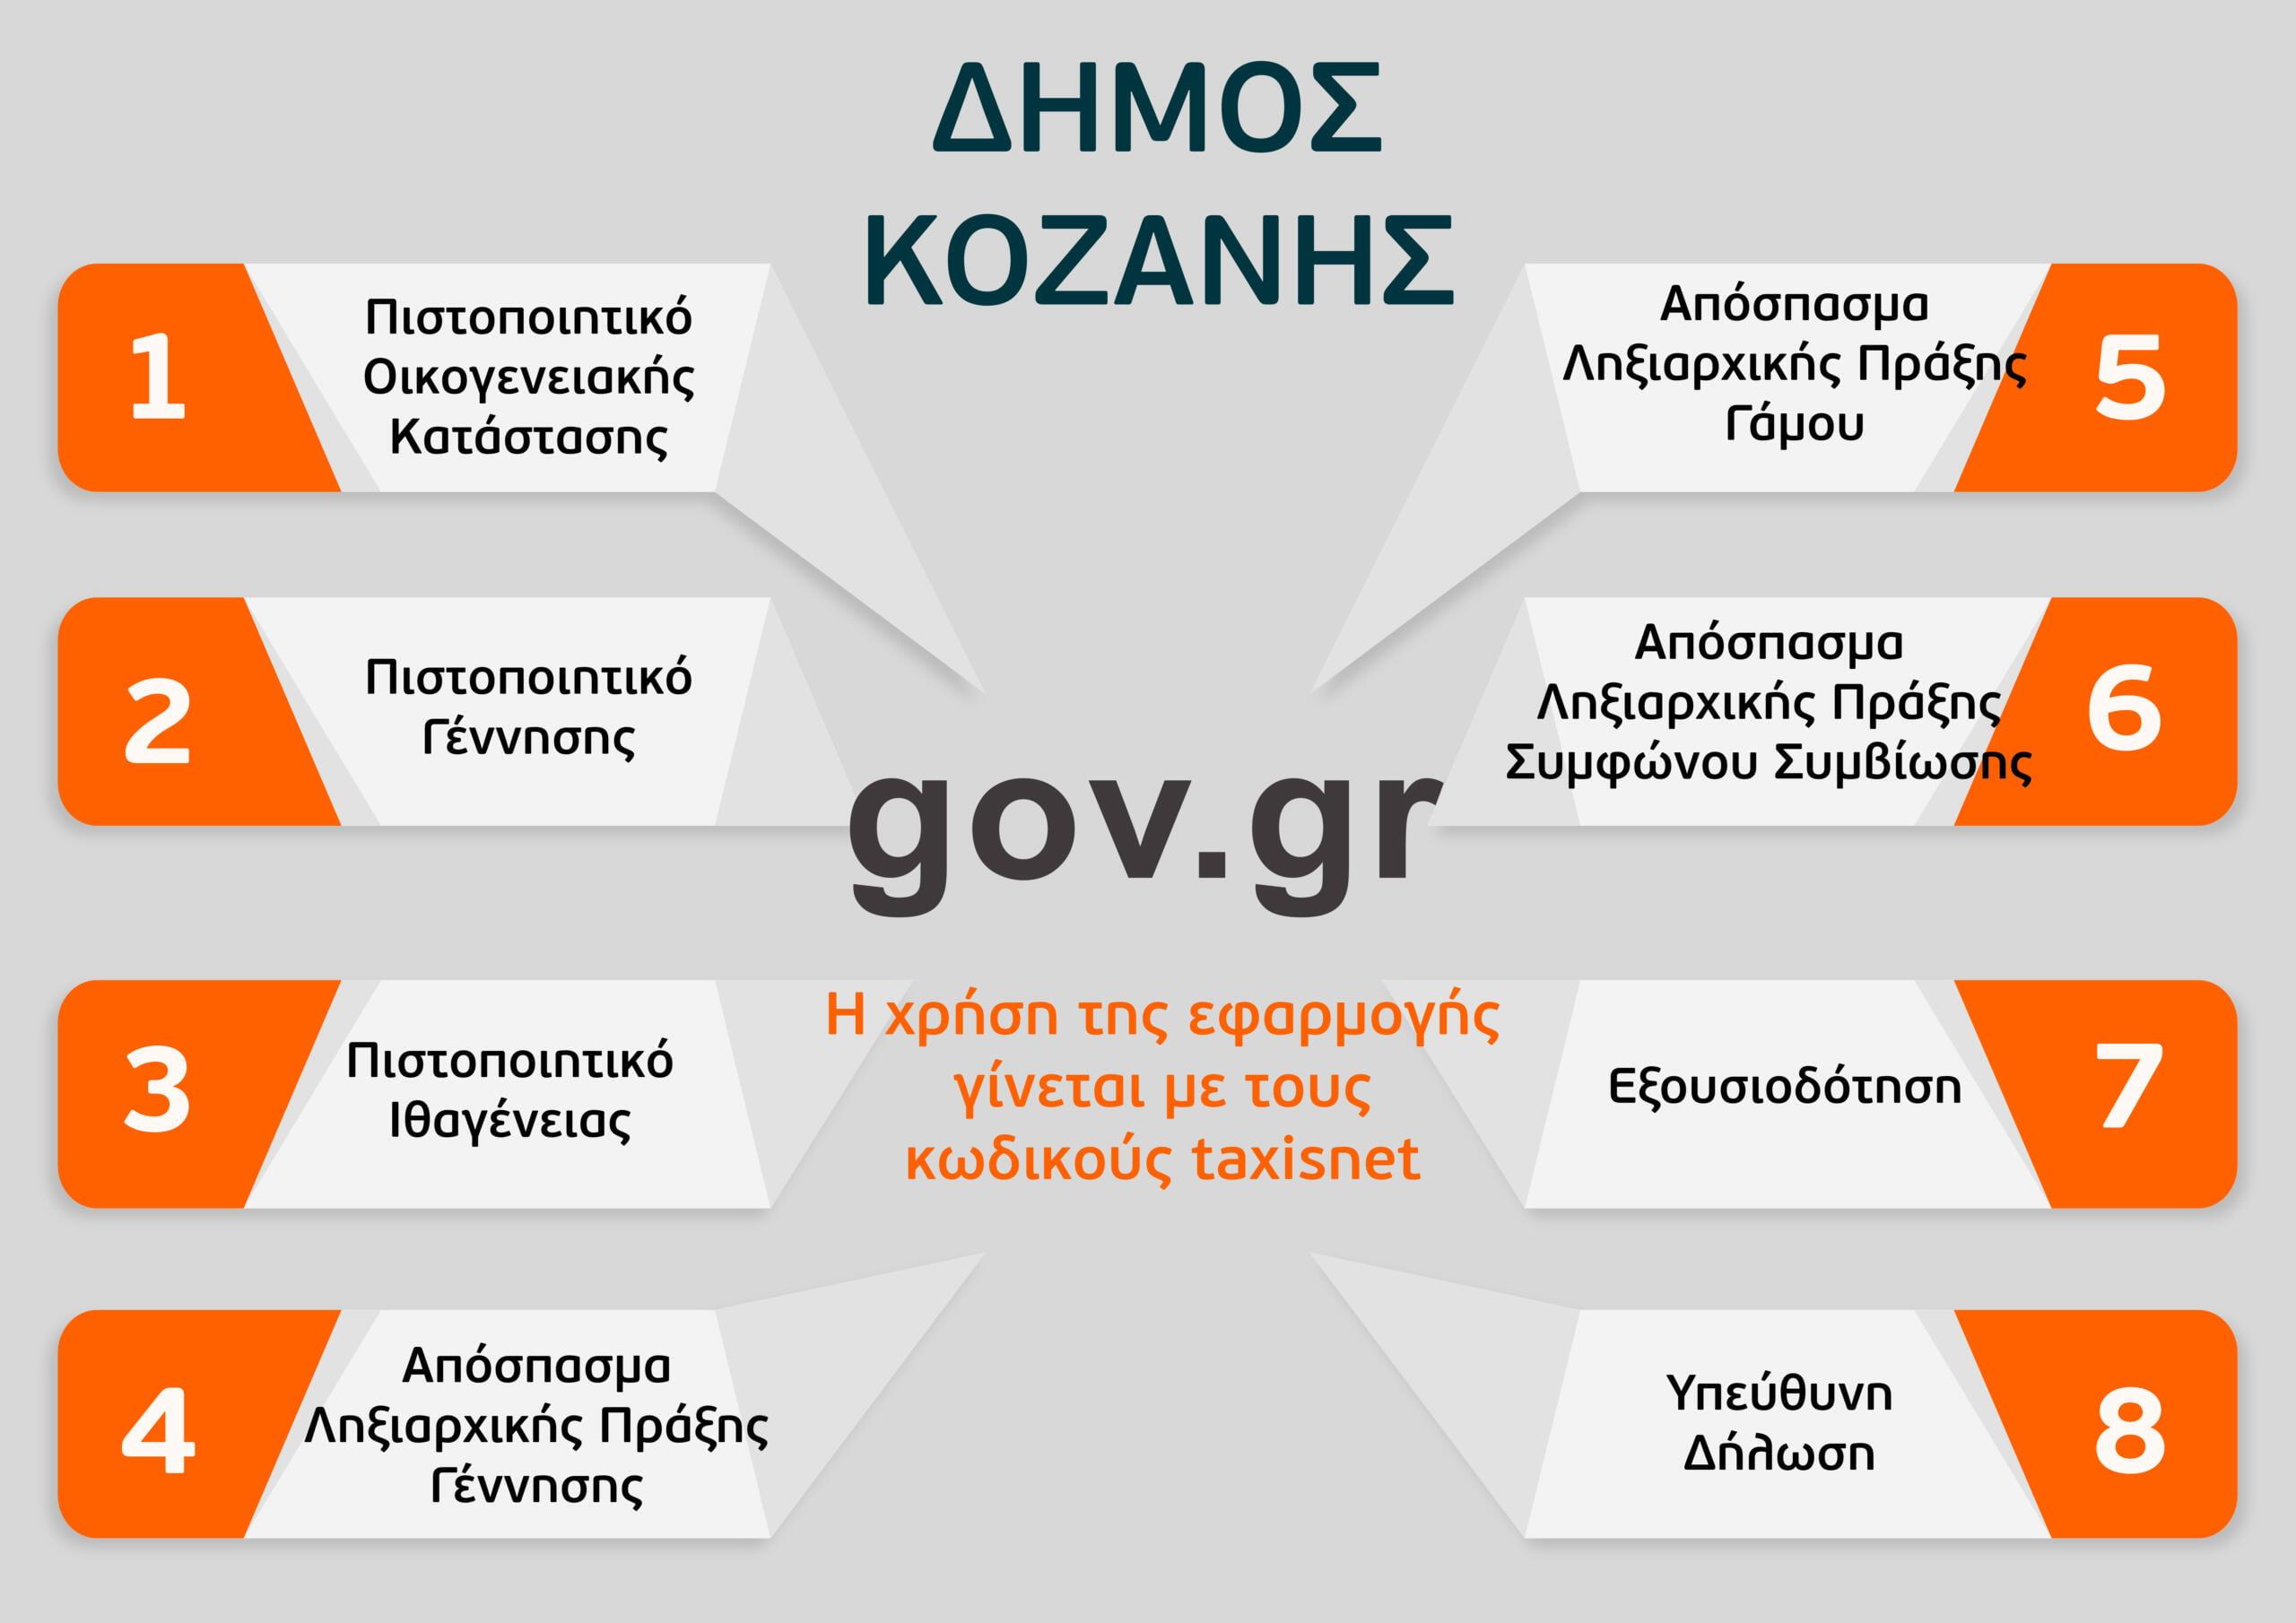 Δήμος Κοζάνης: Με ραντεβού ή ηλεκτρονικά η εξυπηρέτηση των πολίτων από τις υπηρεσίες – Ψηφιακές αιτήσεις προς τα ΚΕΠ μέσω του gov.gr